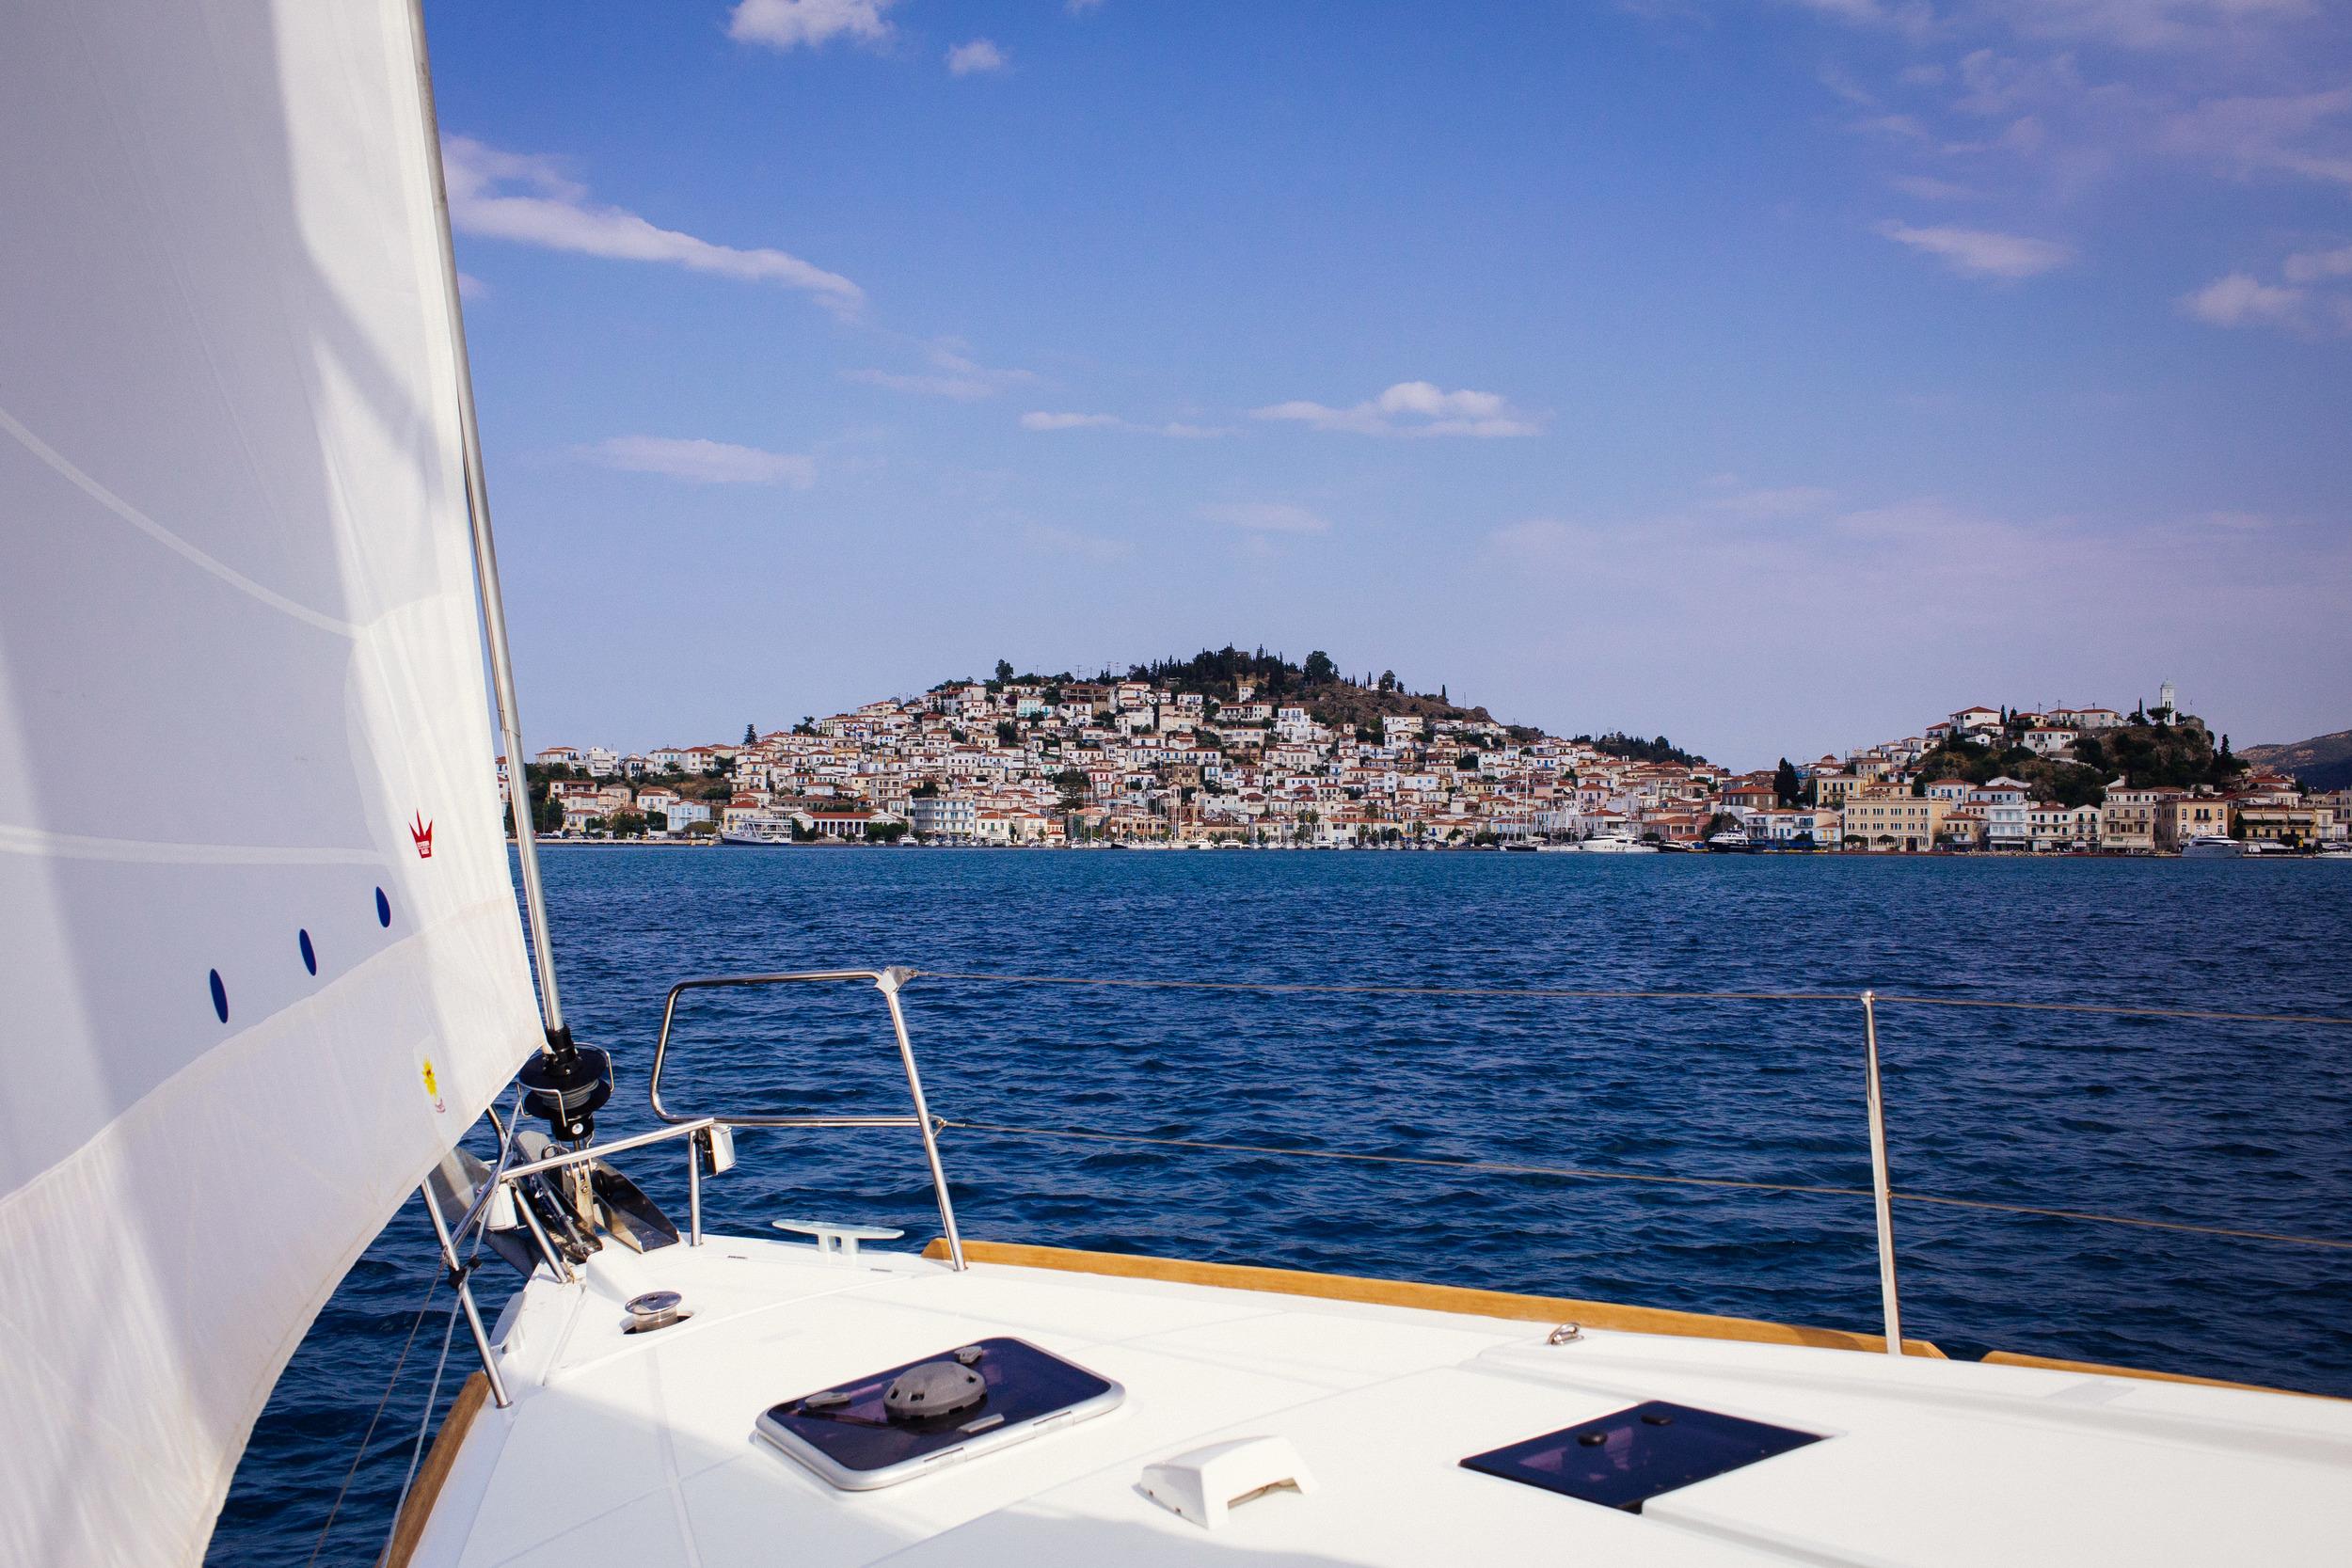 Greece_062015_emb-27.jpg